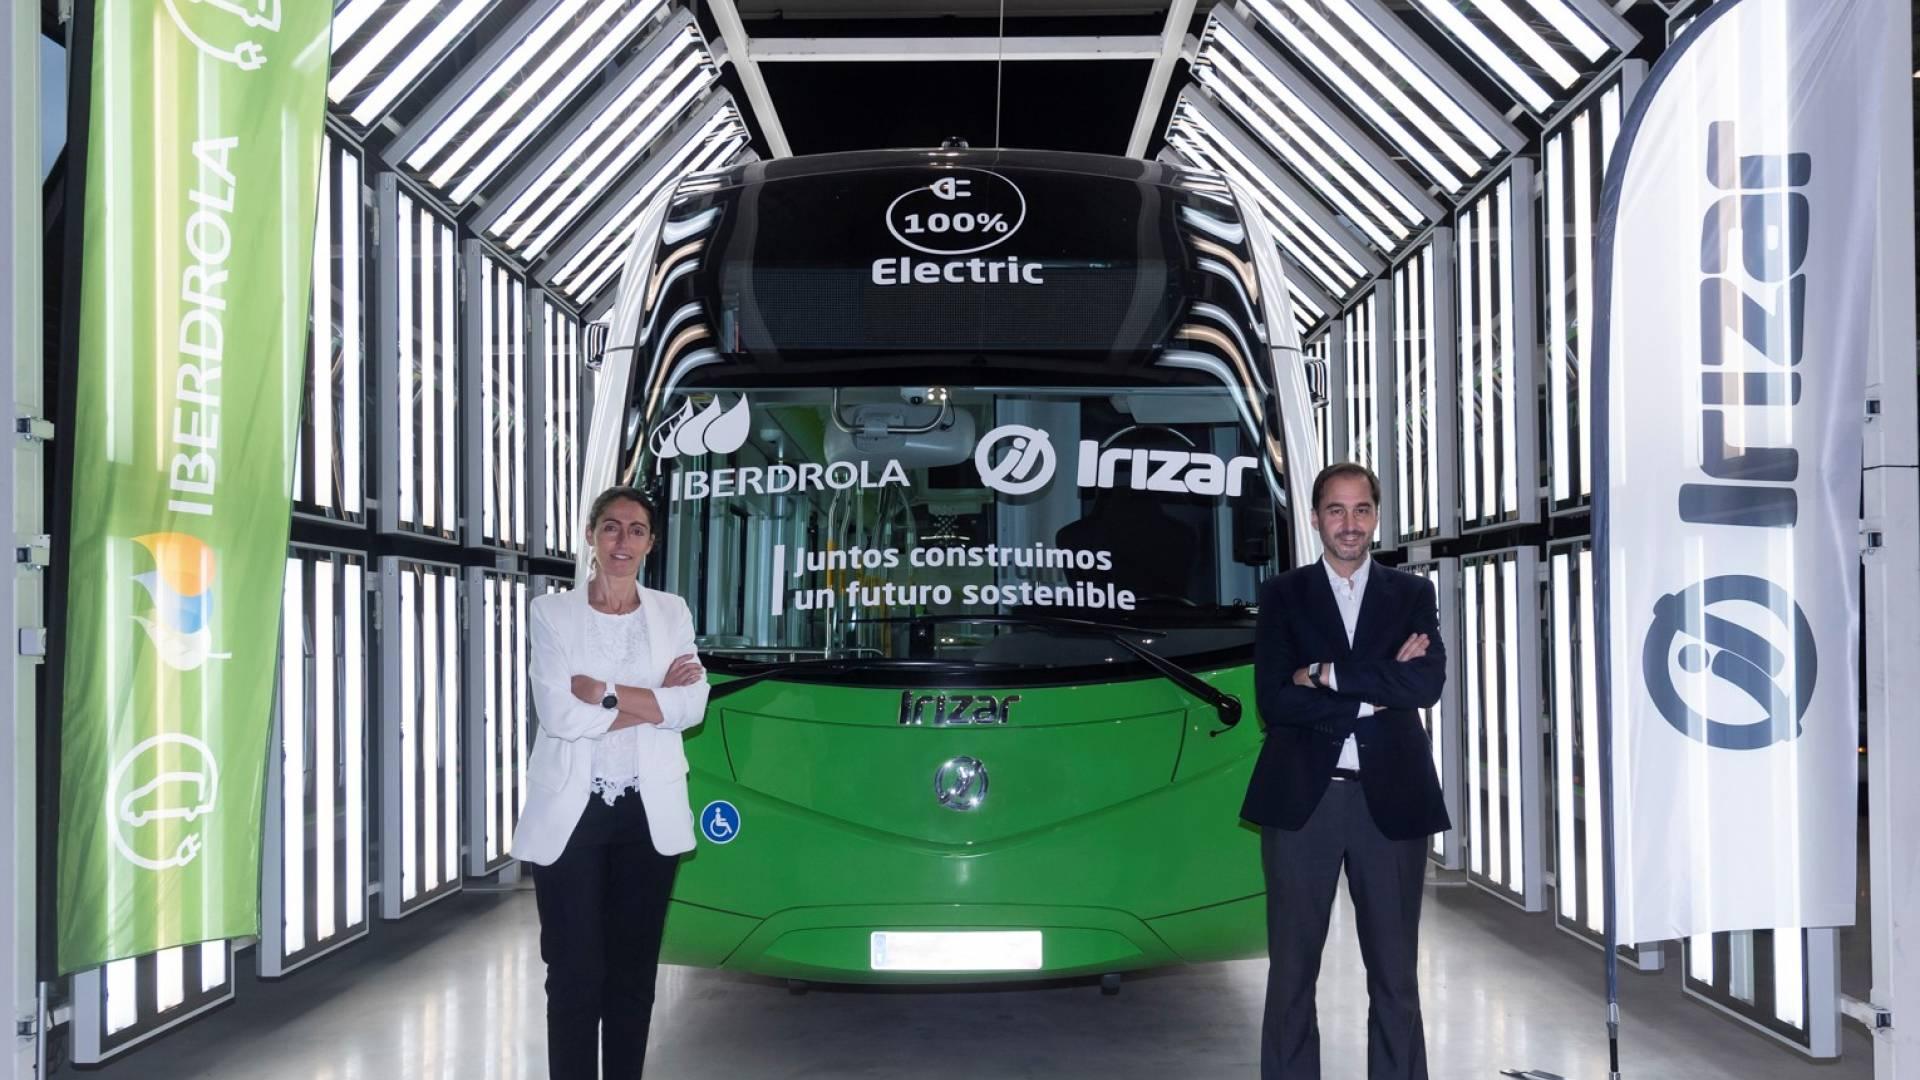 Irizar e Iberdrola aceleran la movilidad eléctrica: acuerdo para la electrificación del transporte urbano y el suministro de energía verde